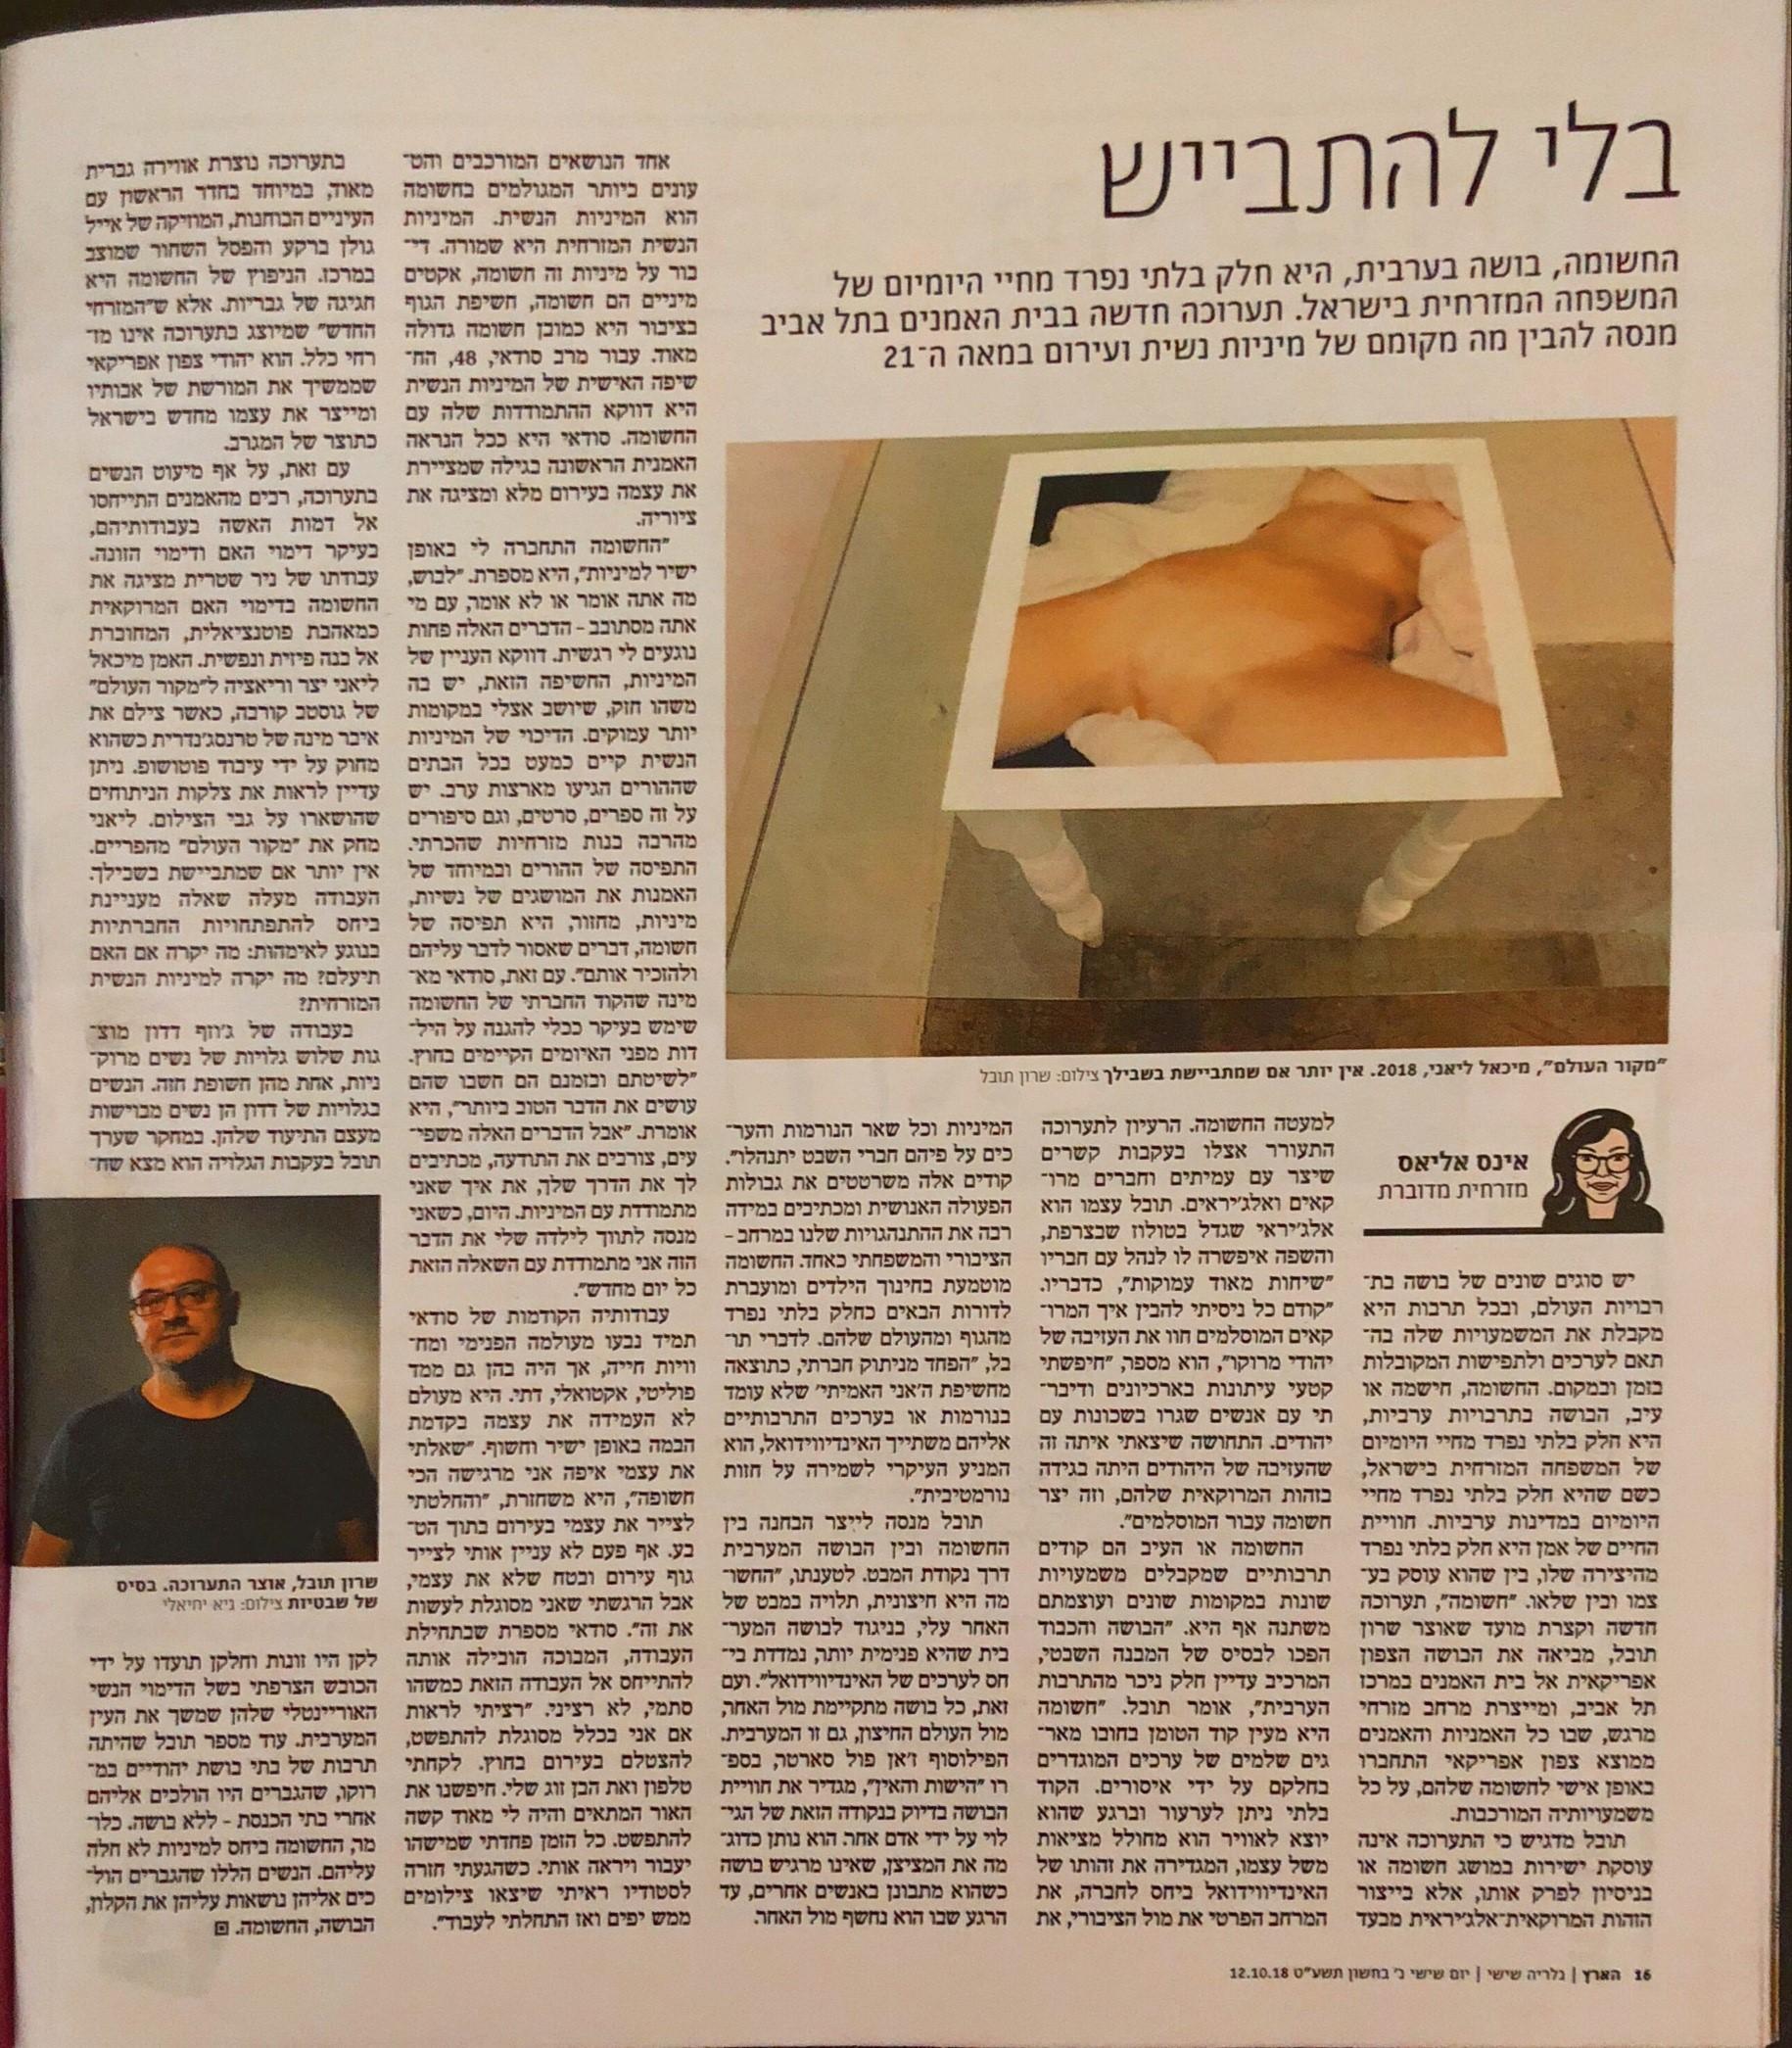 Article on Haaretz